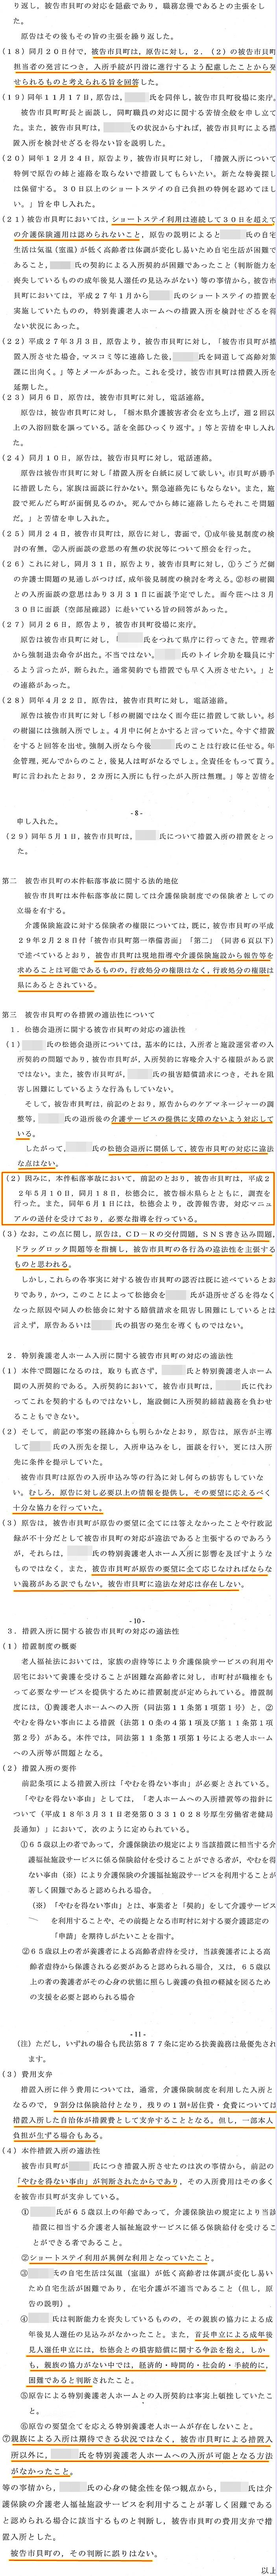 準備書面3 蓬田勝美弁護士入野正明町長 市貝町 道の駅 サシバの里いちかい 1